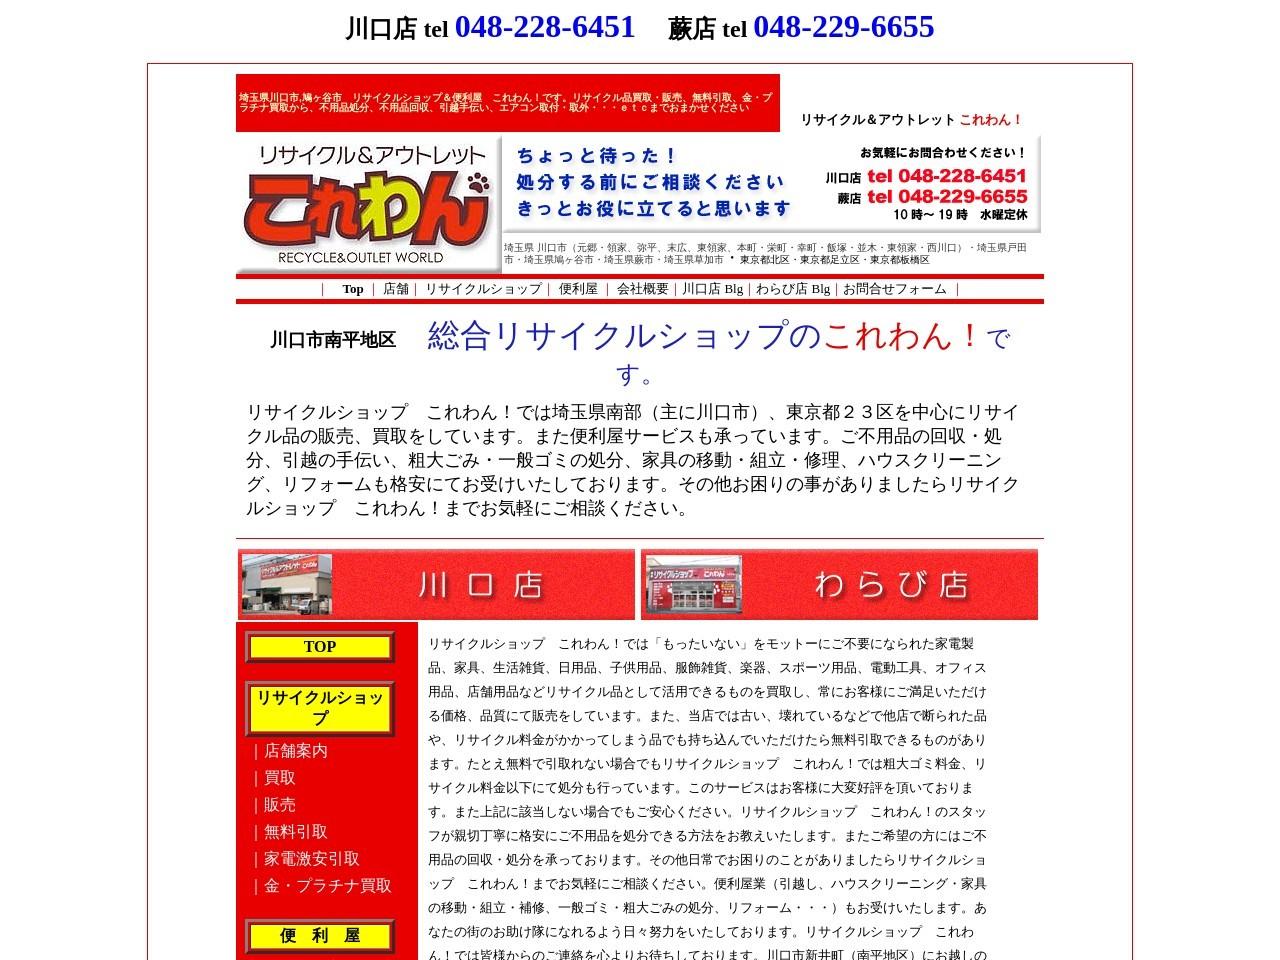 埼玉県川口市、蕨市のリサイクルショップ&便利屋 これわん!です。買取、無料引取、金・プラチナ買取、不用品処分、不用品回収、引越手伝い、エアコン取付・取外